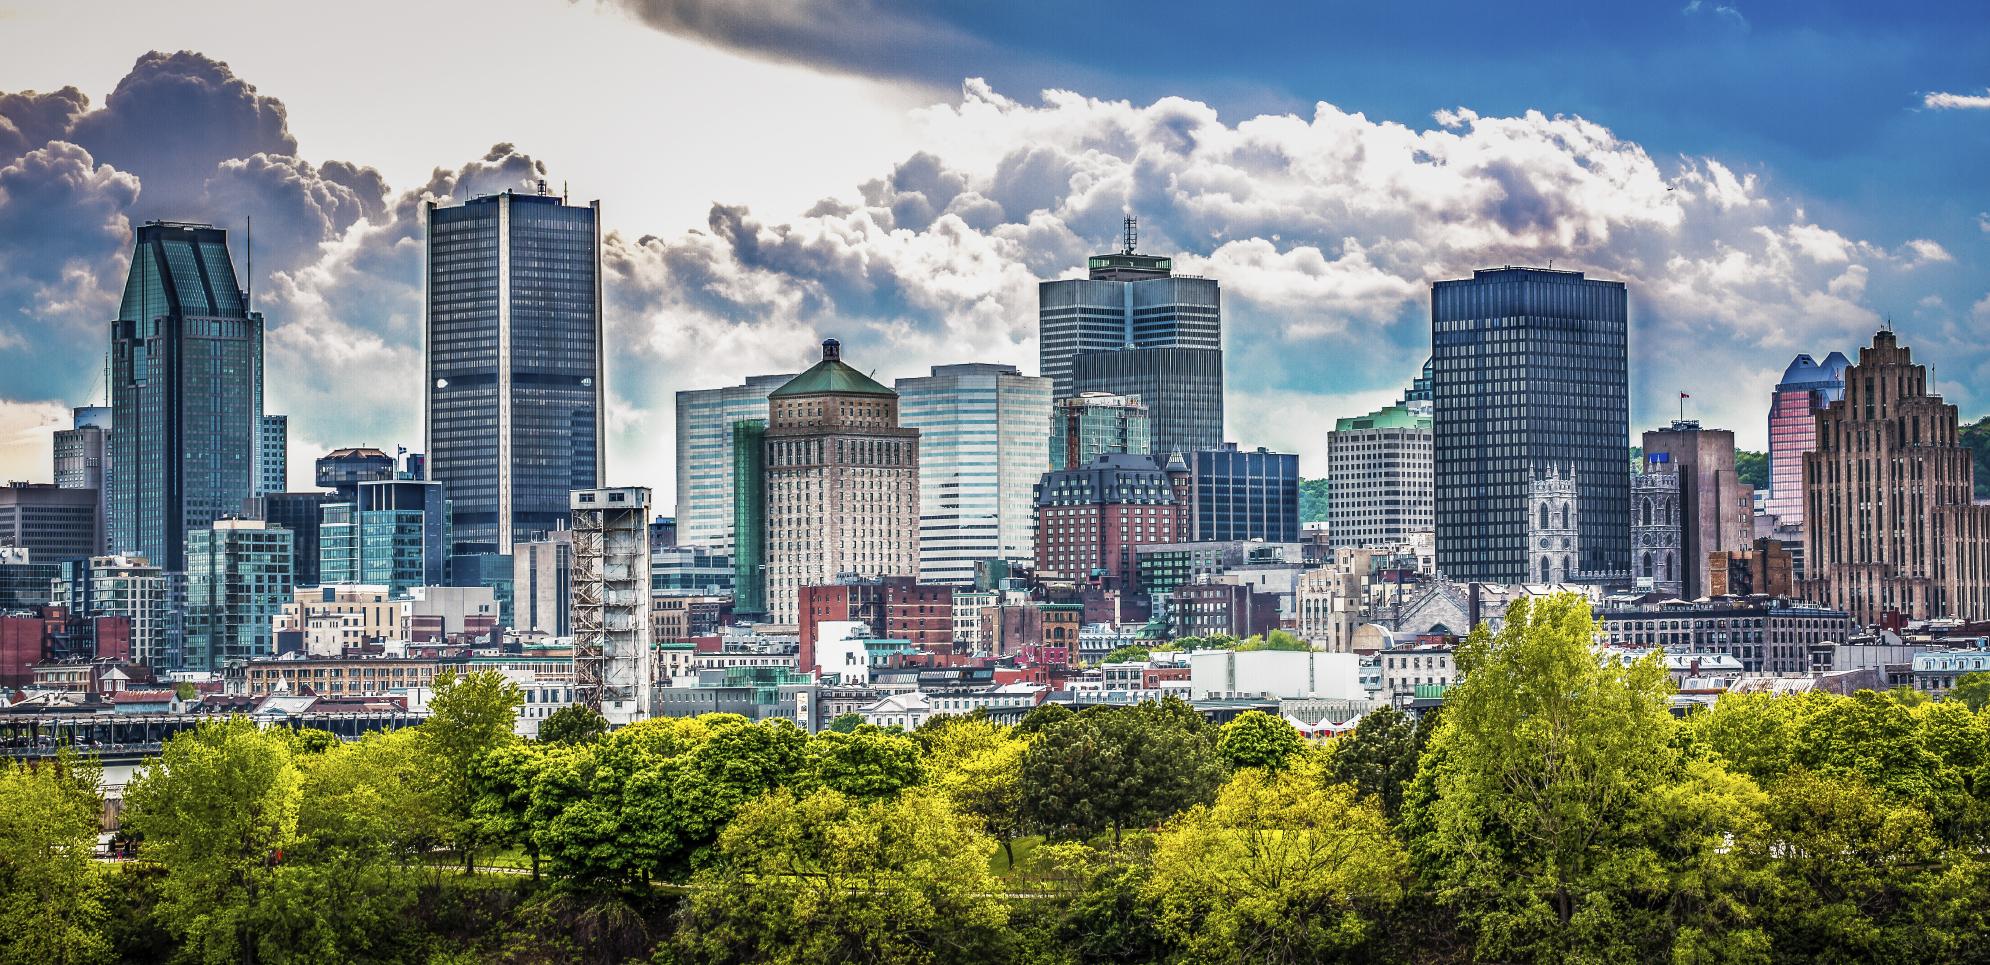 Montreal-Quebec-iStock_000063302115_Medium